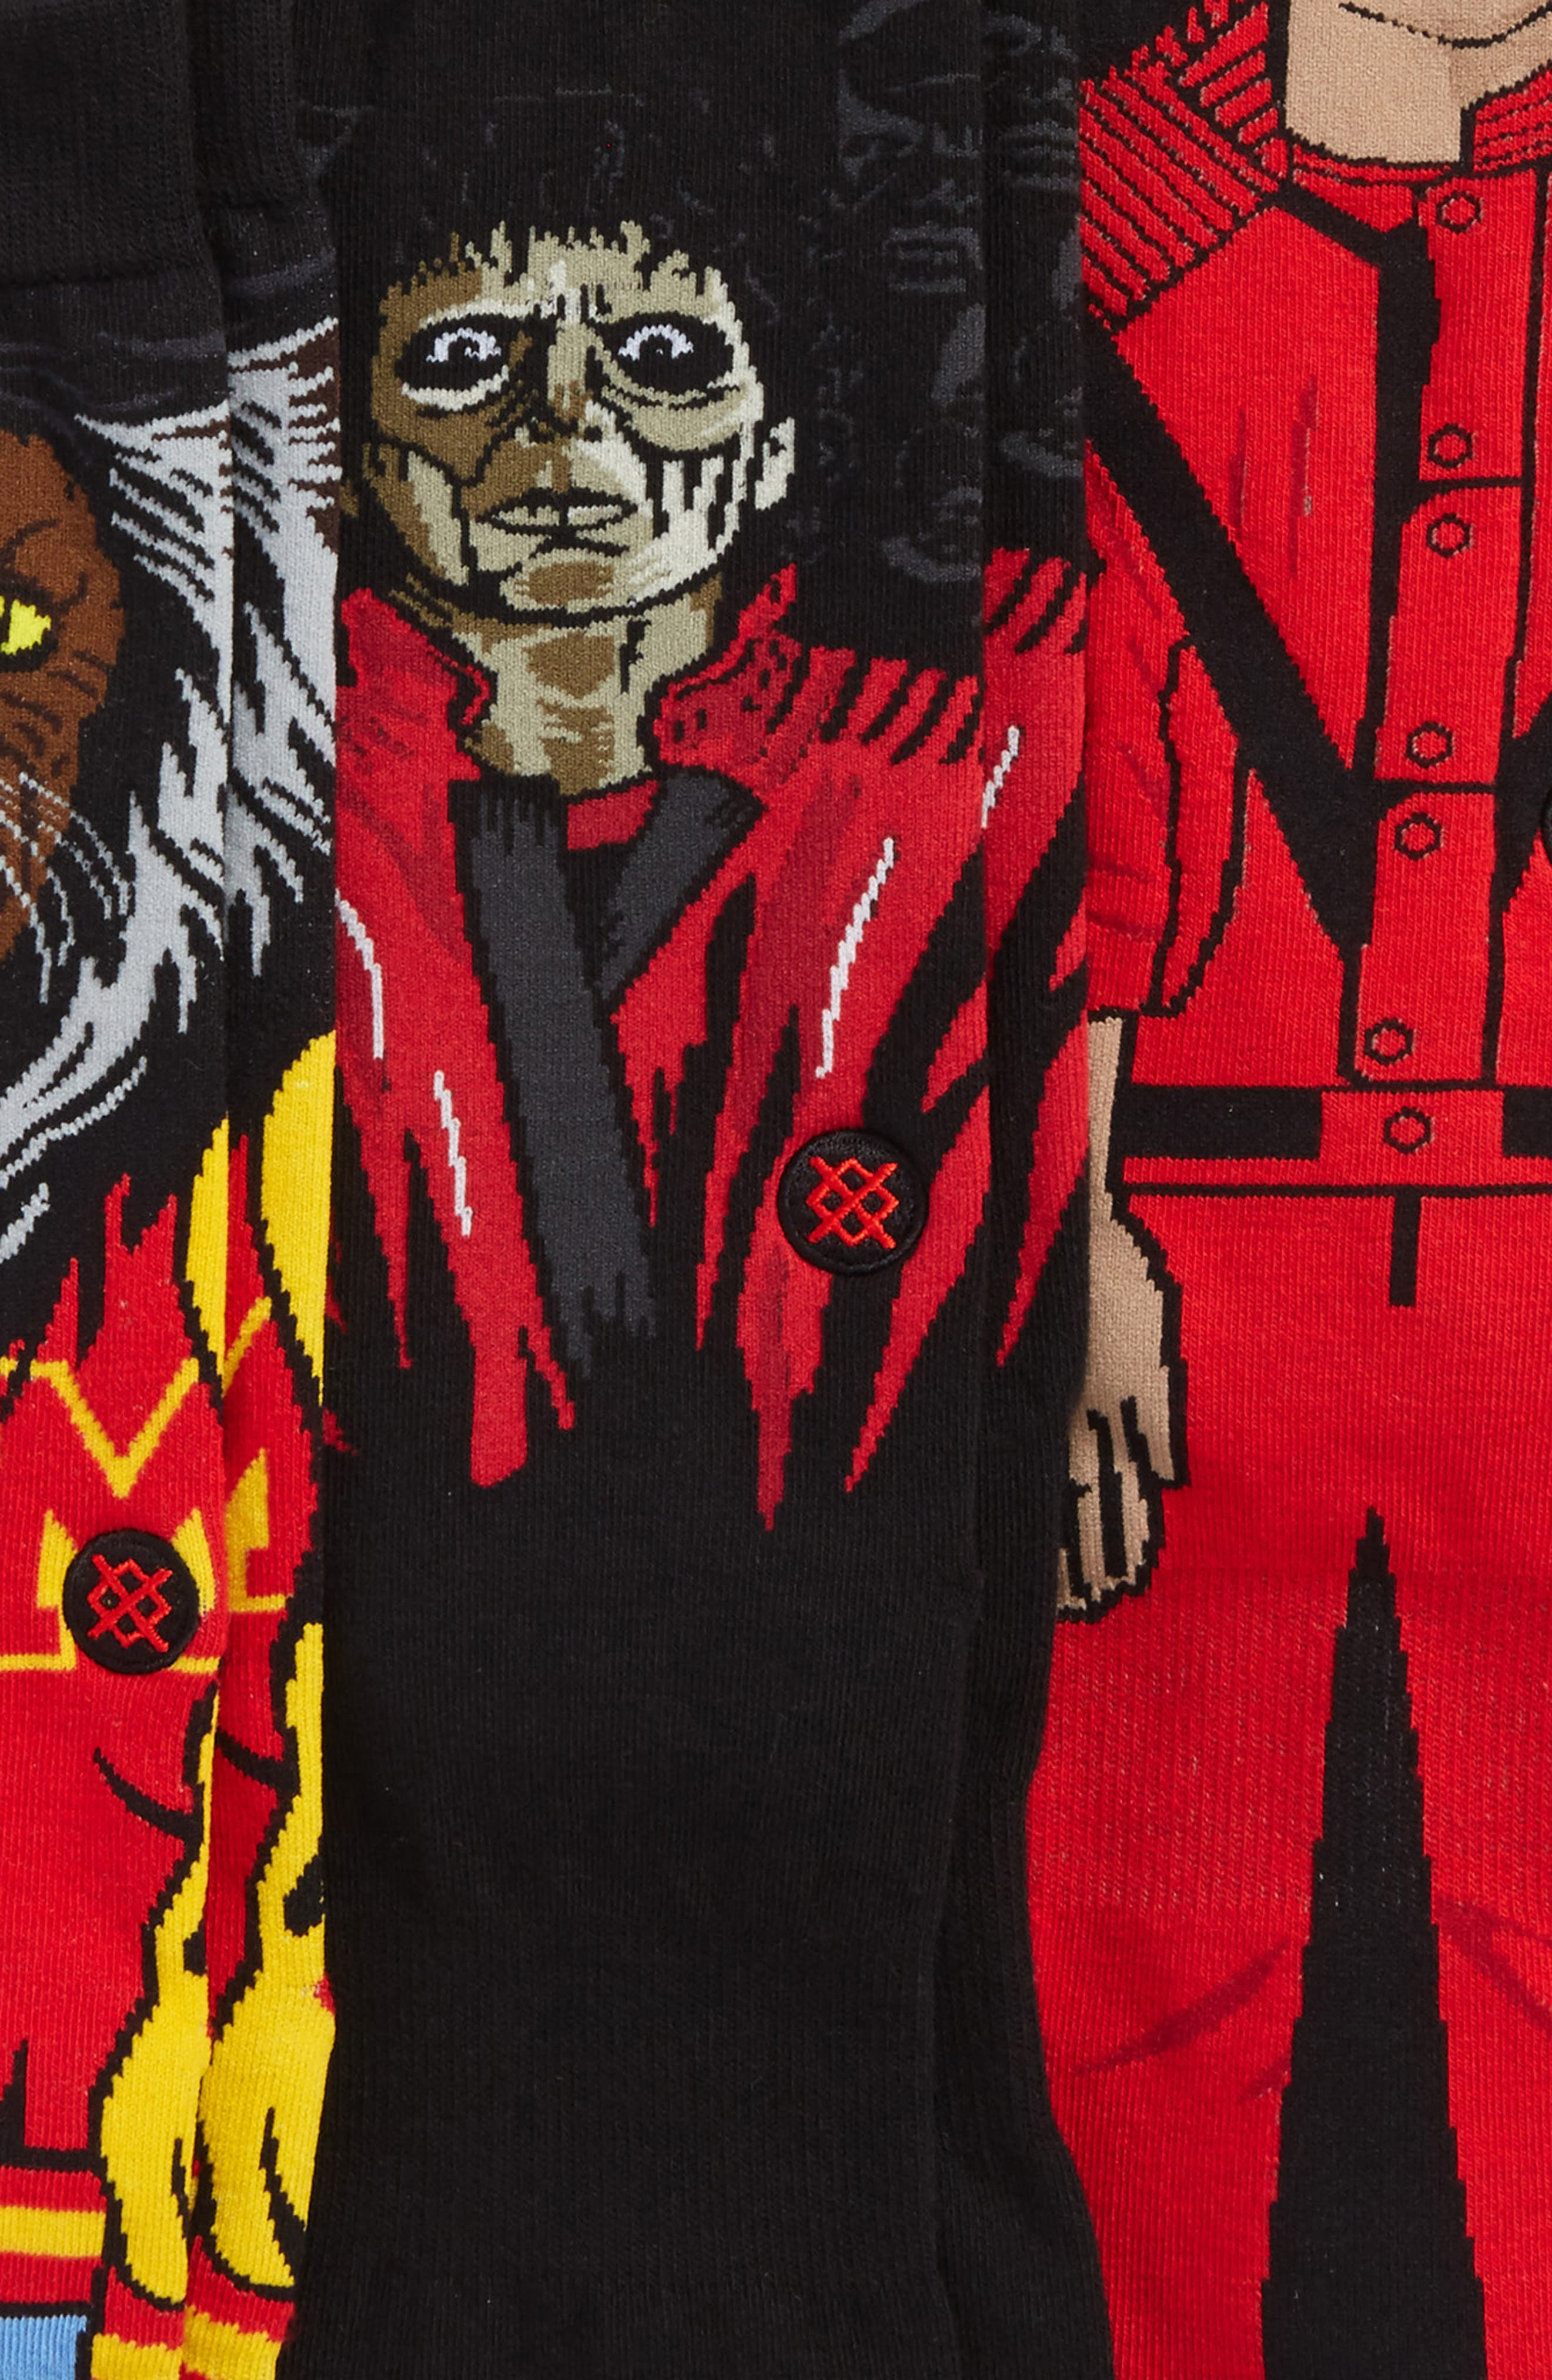 3-Pack Michael Jackson Thriller Socks,                             Alternate thumbnail 2, color,                             Red Multi